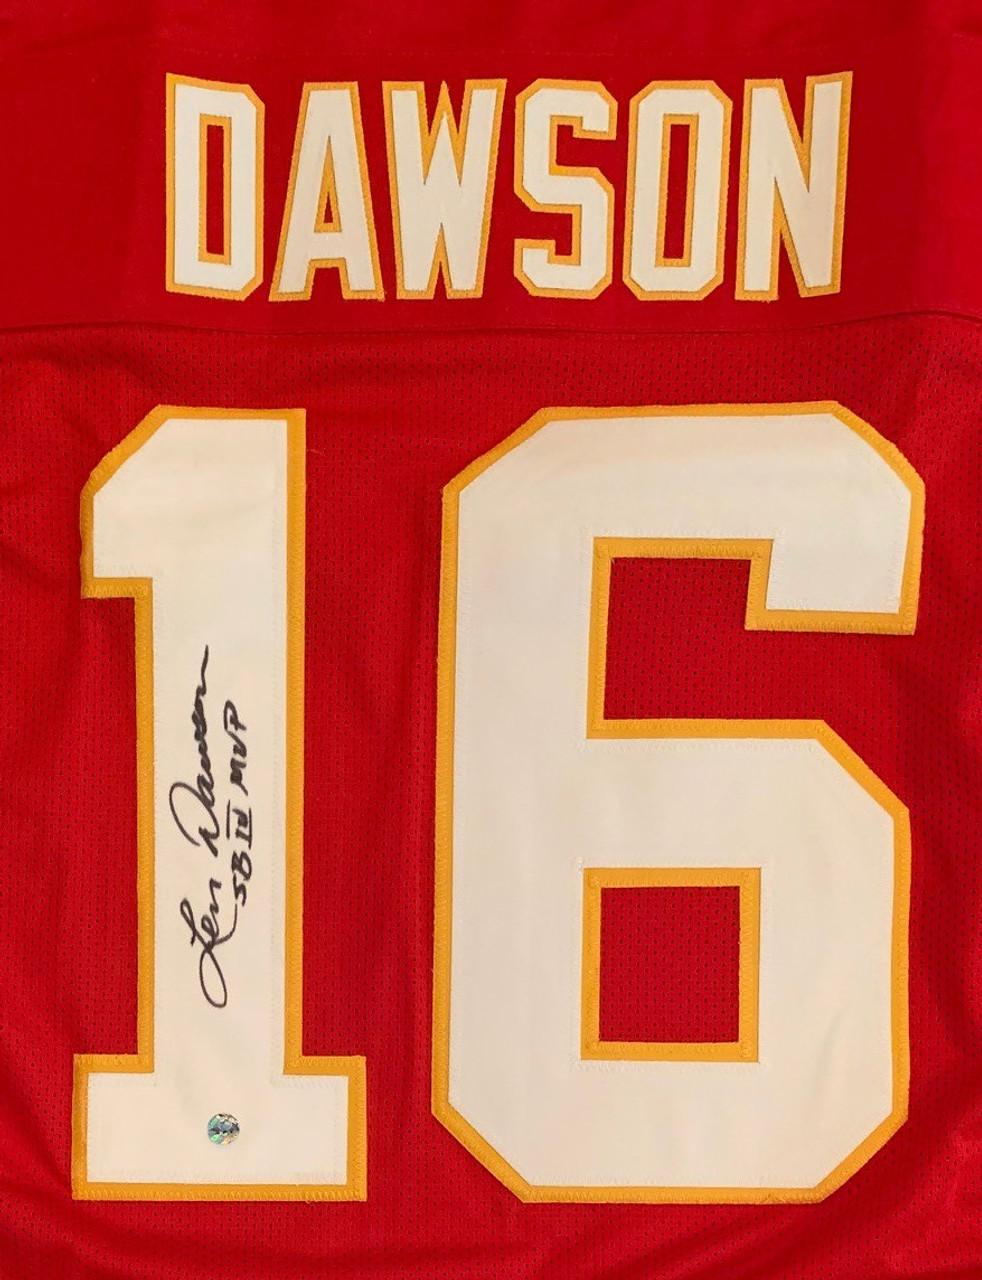 len dawson jersey